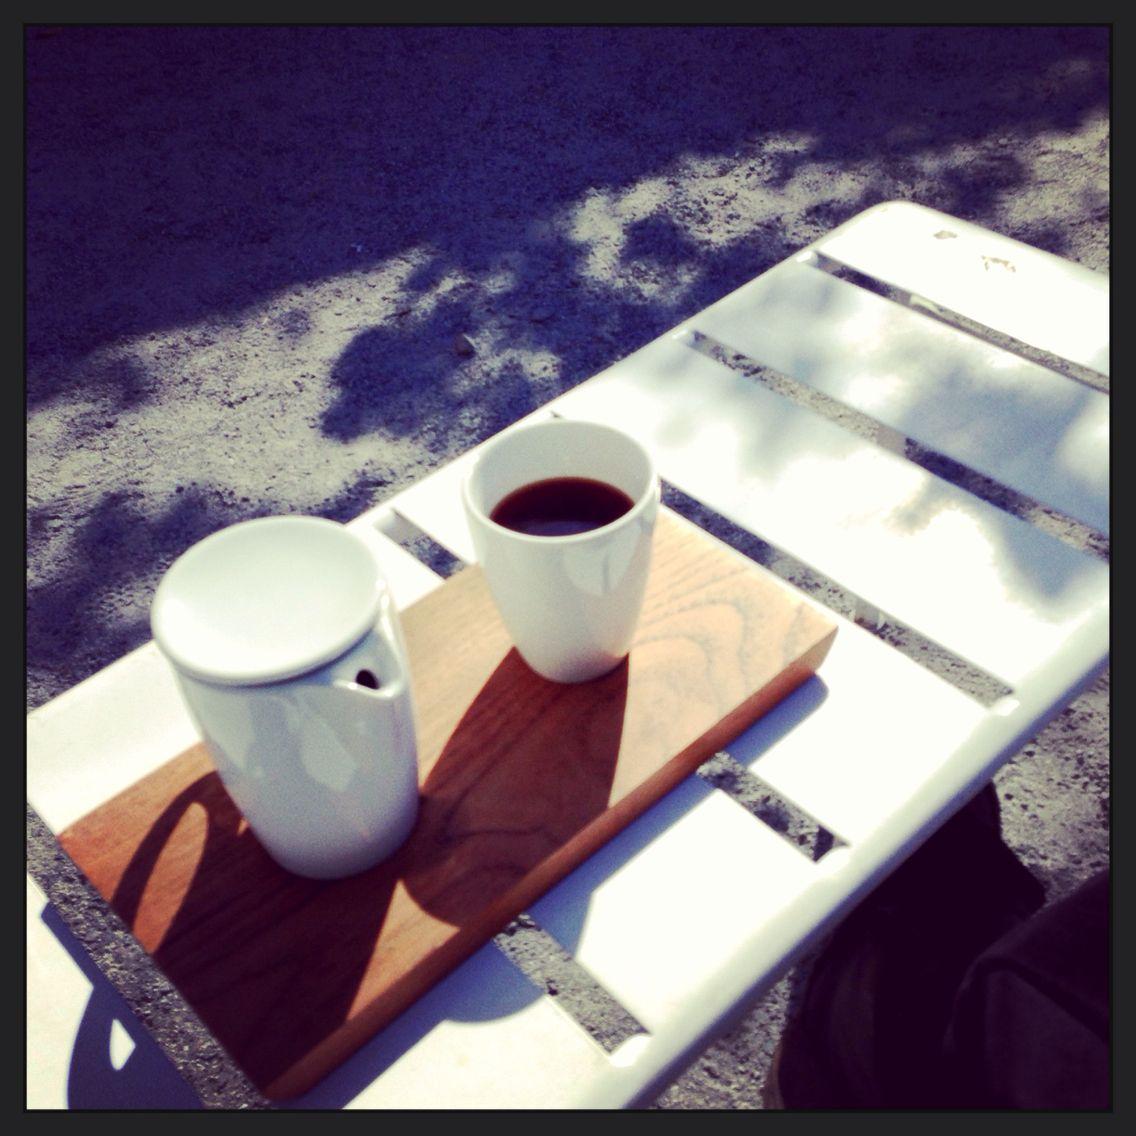 Sep. 2013.  Hayes Valleyのポップアップ。この辺上手いベーカリーやらアイスクリーム屋やらカフェやら多いので天気の良い日の飯後に一服には最適。近くにはBlue BottleのKioskもあるのでお好みで。 #coffee #pourover #us #sanfrancisco #drip